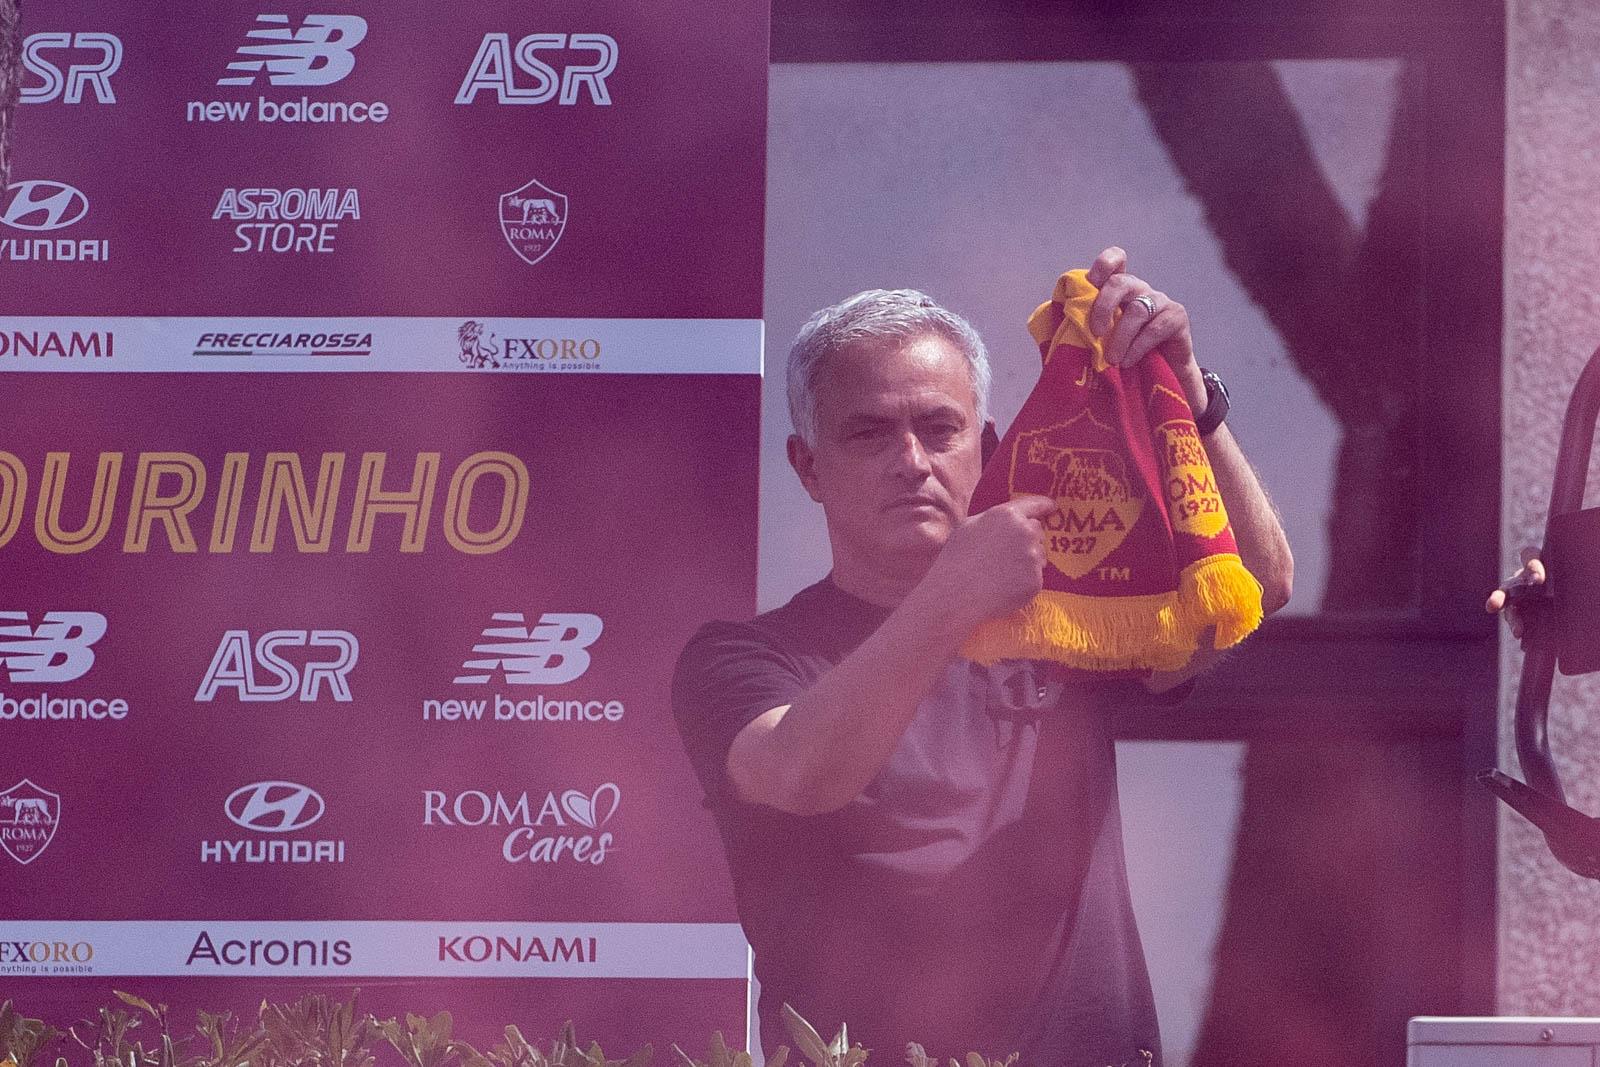 """Mourinho ชี้ไปที่โลโก้ Roma บนผ้าพันคอแบบดั้งเดิมในขณะที่เขาทักทายแฟน ๆ ของทีมใหม่ใน Trigoria ชานเมืองกรุงโรมเมื่อวันที่ 2 กรกฎาคม  ภาพถ่าย: """"AS Roma ."""""""